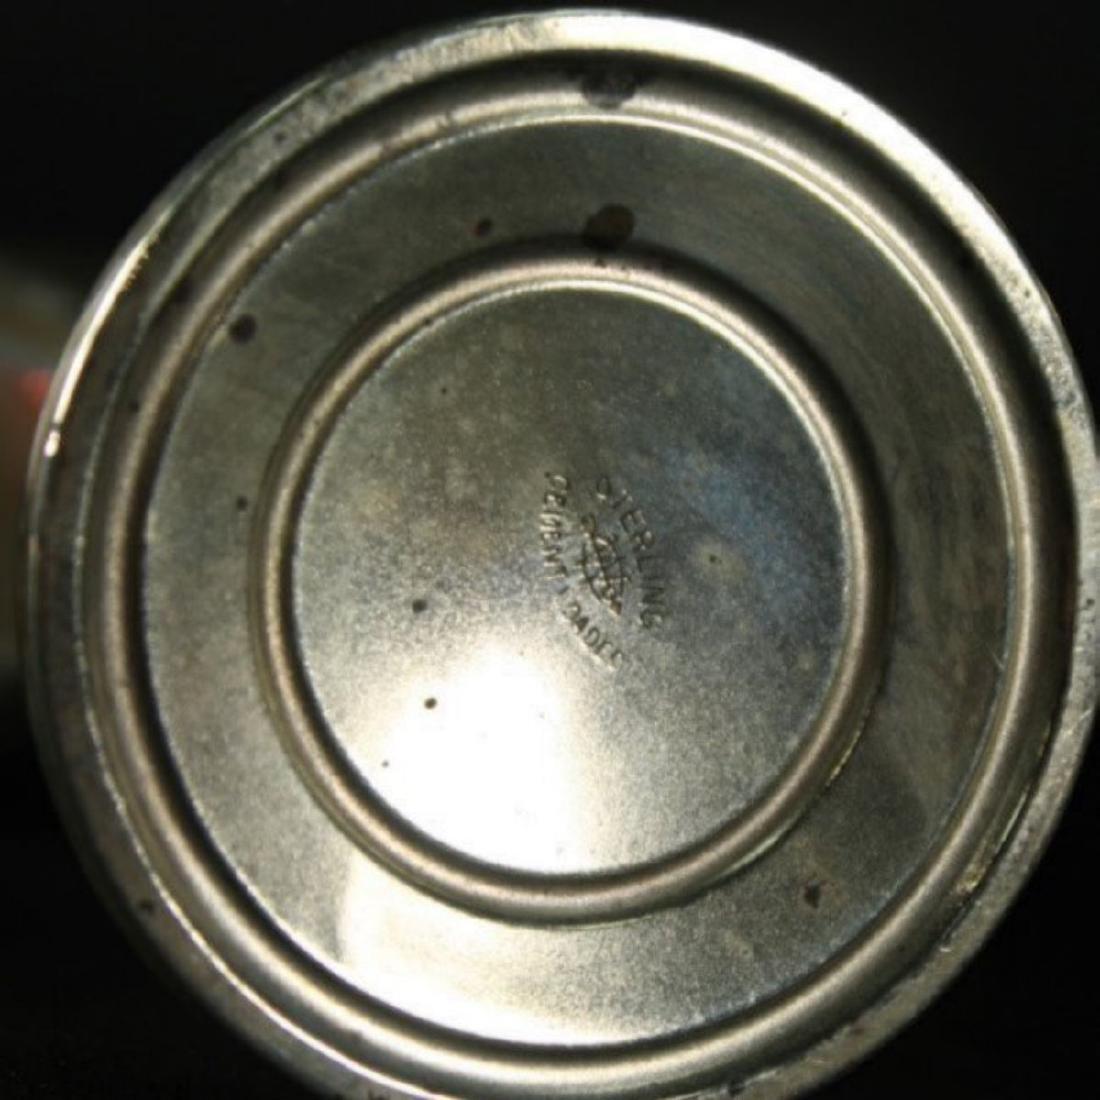 SET OF 4 STERLING SALT SHAKERS - 3